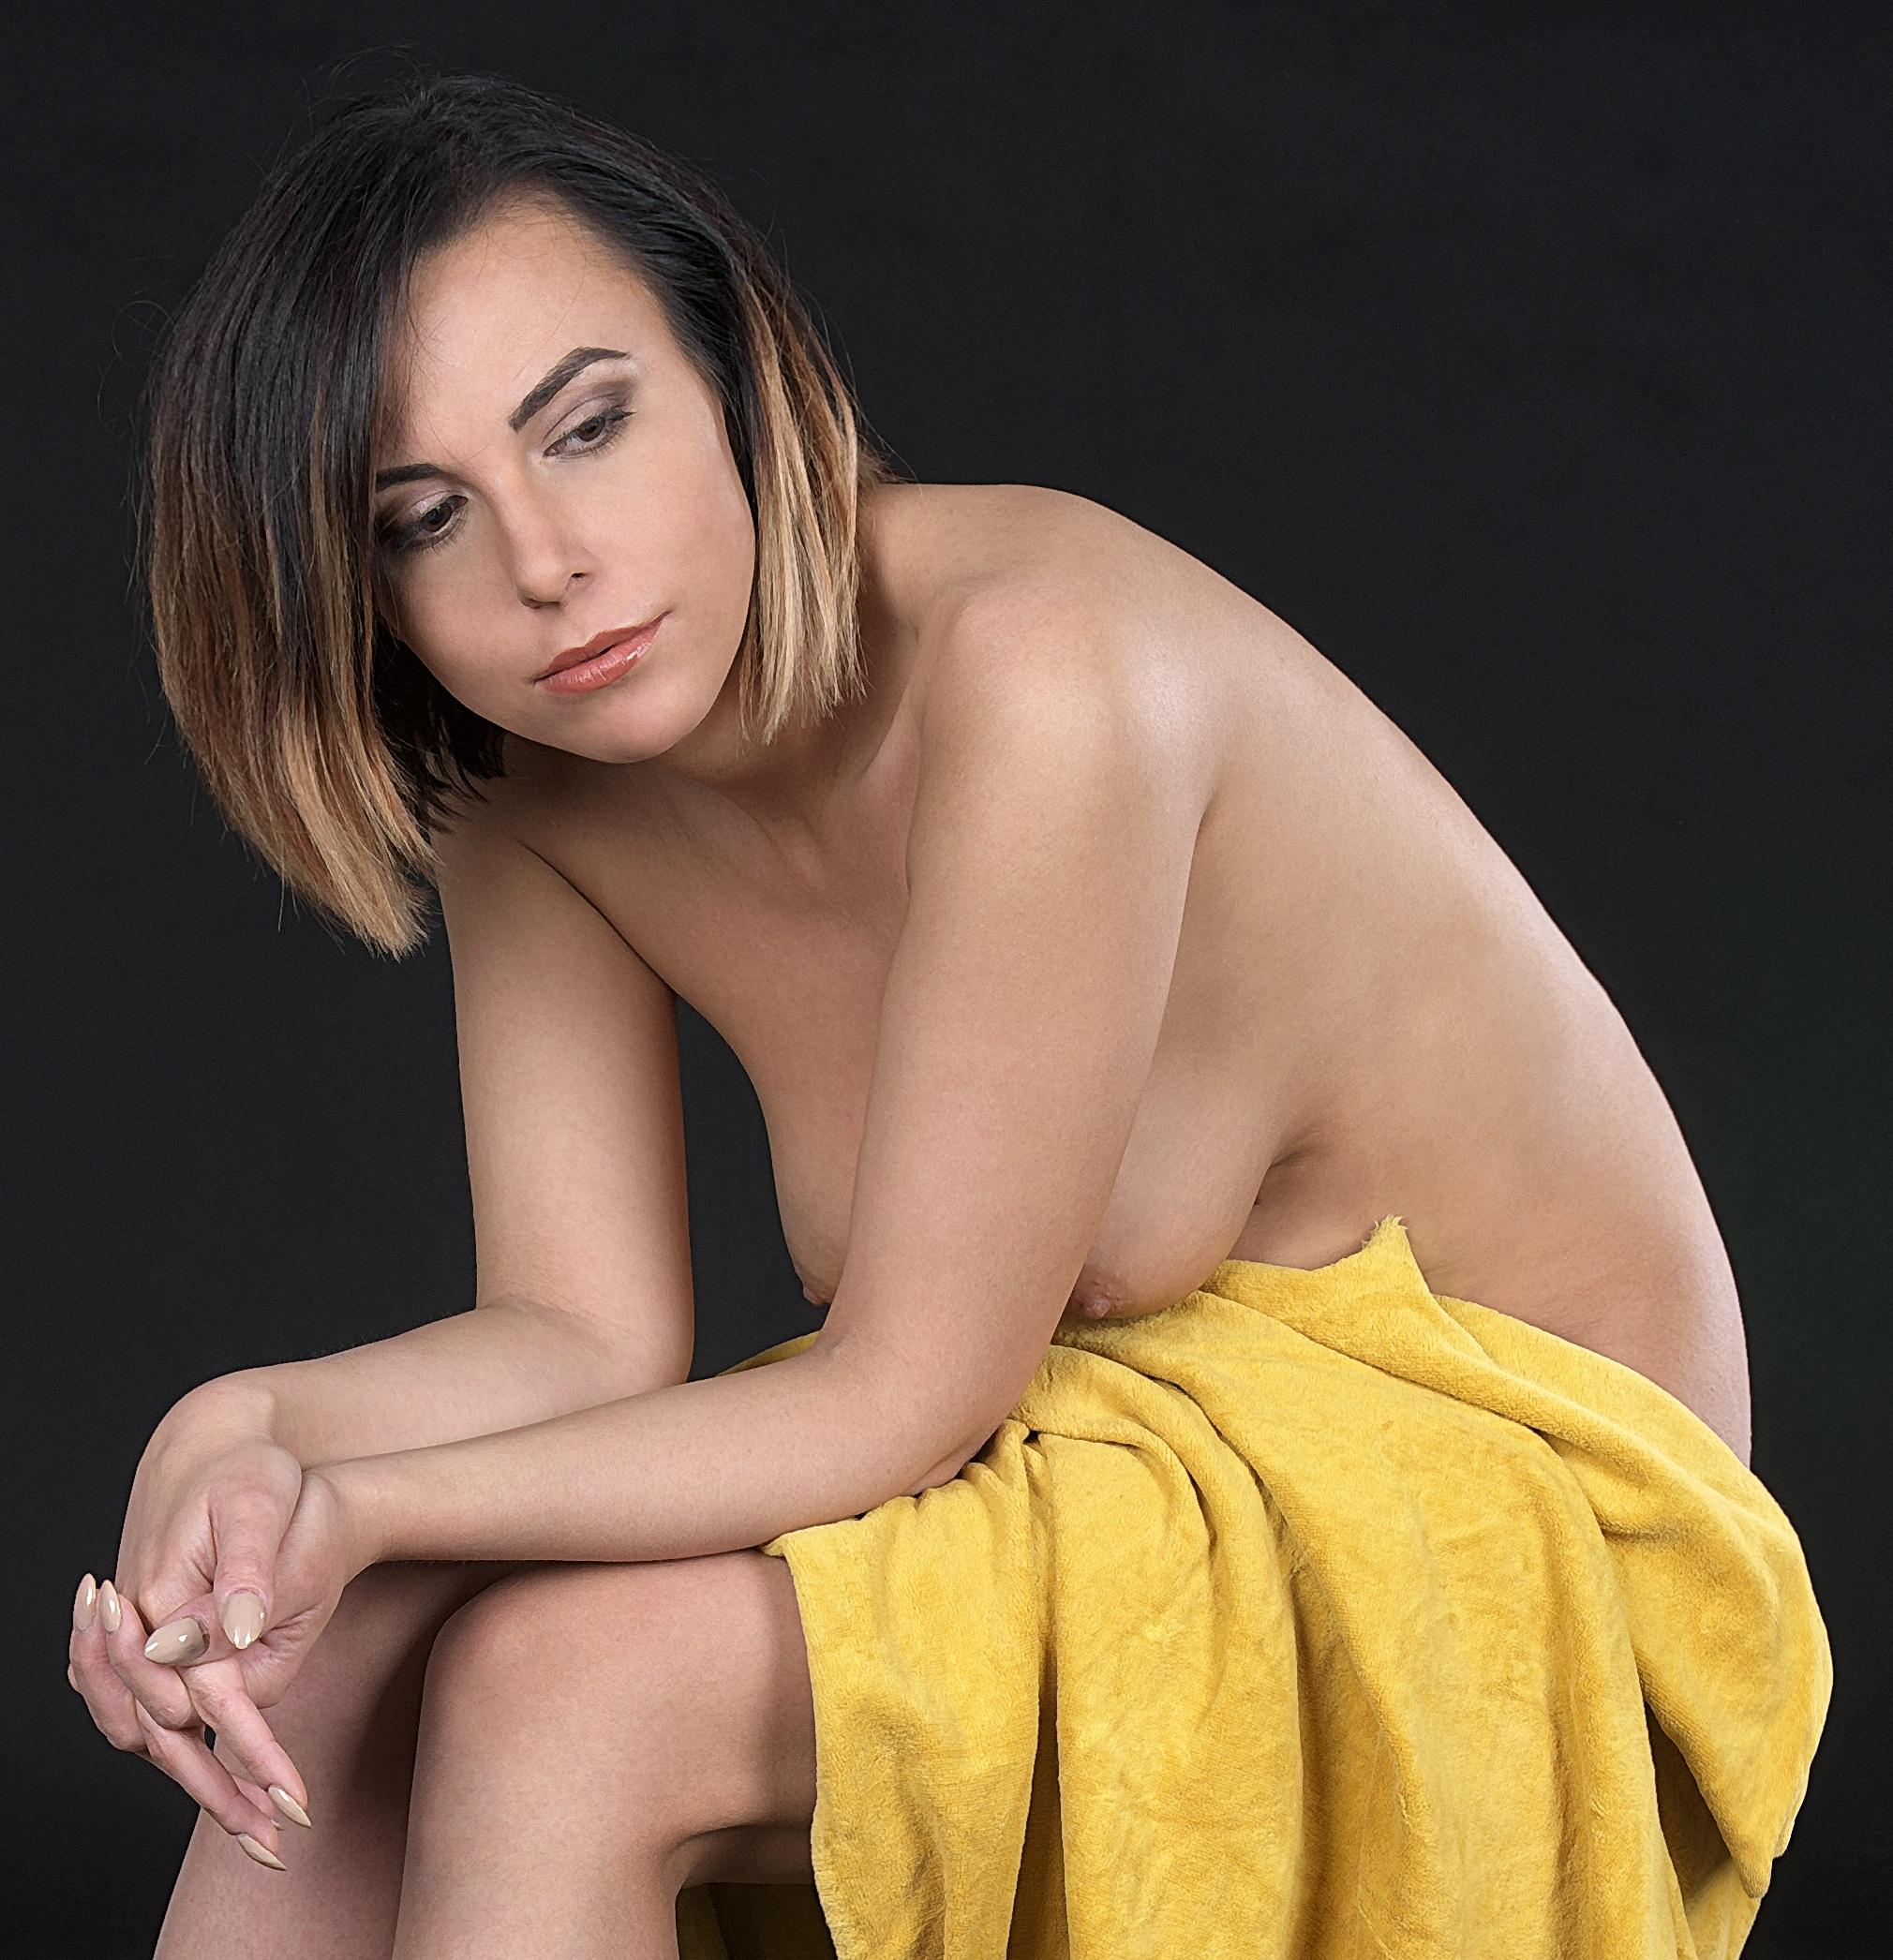 Women Legs Nude 92